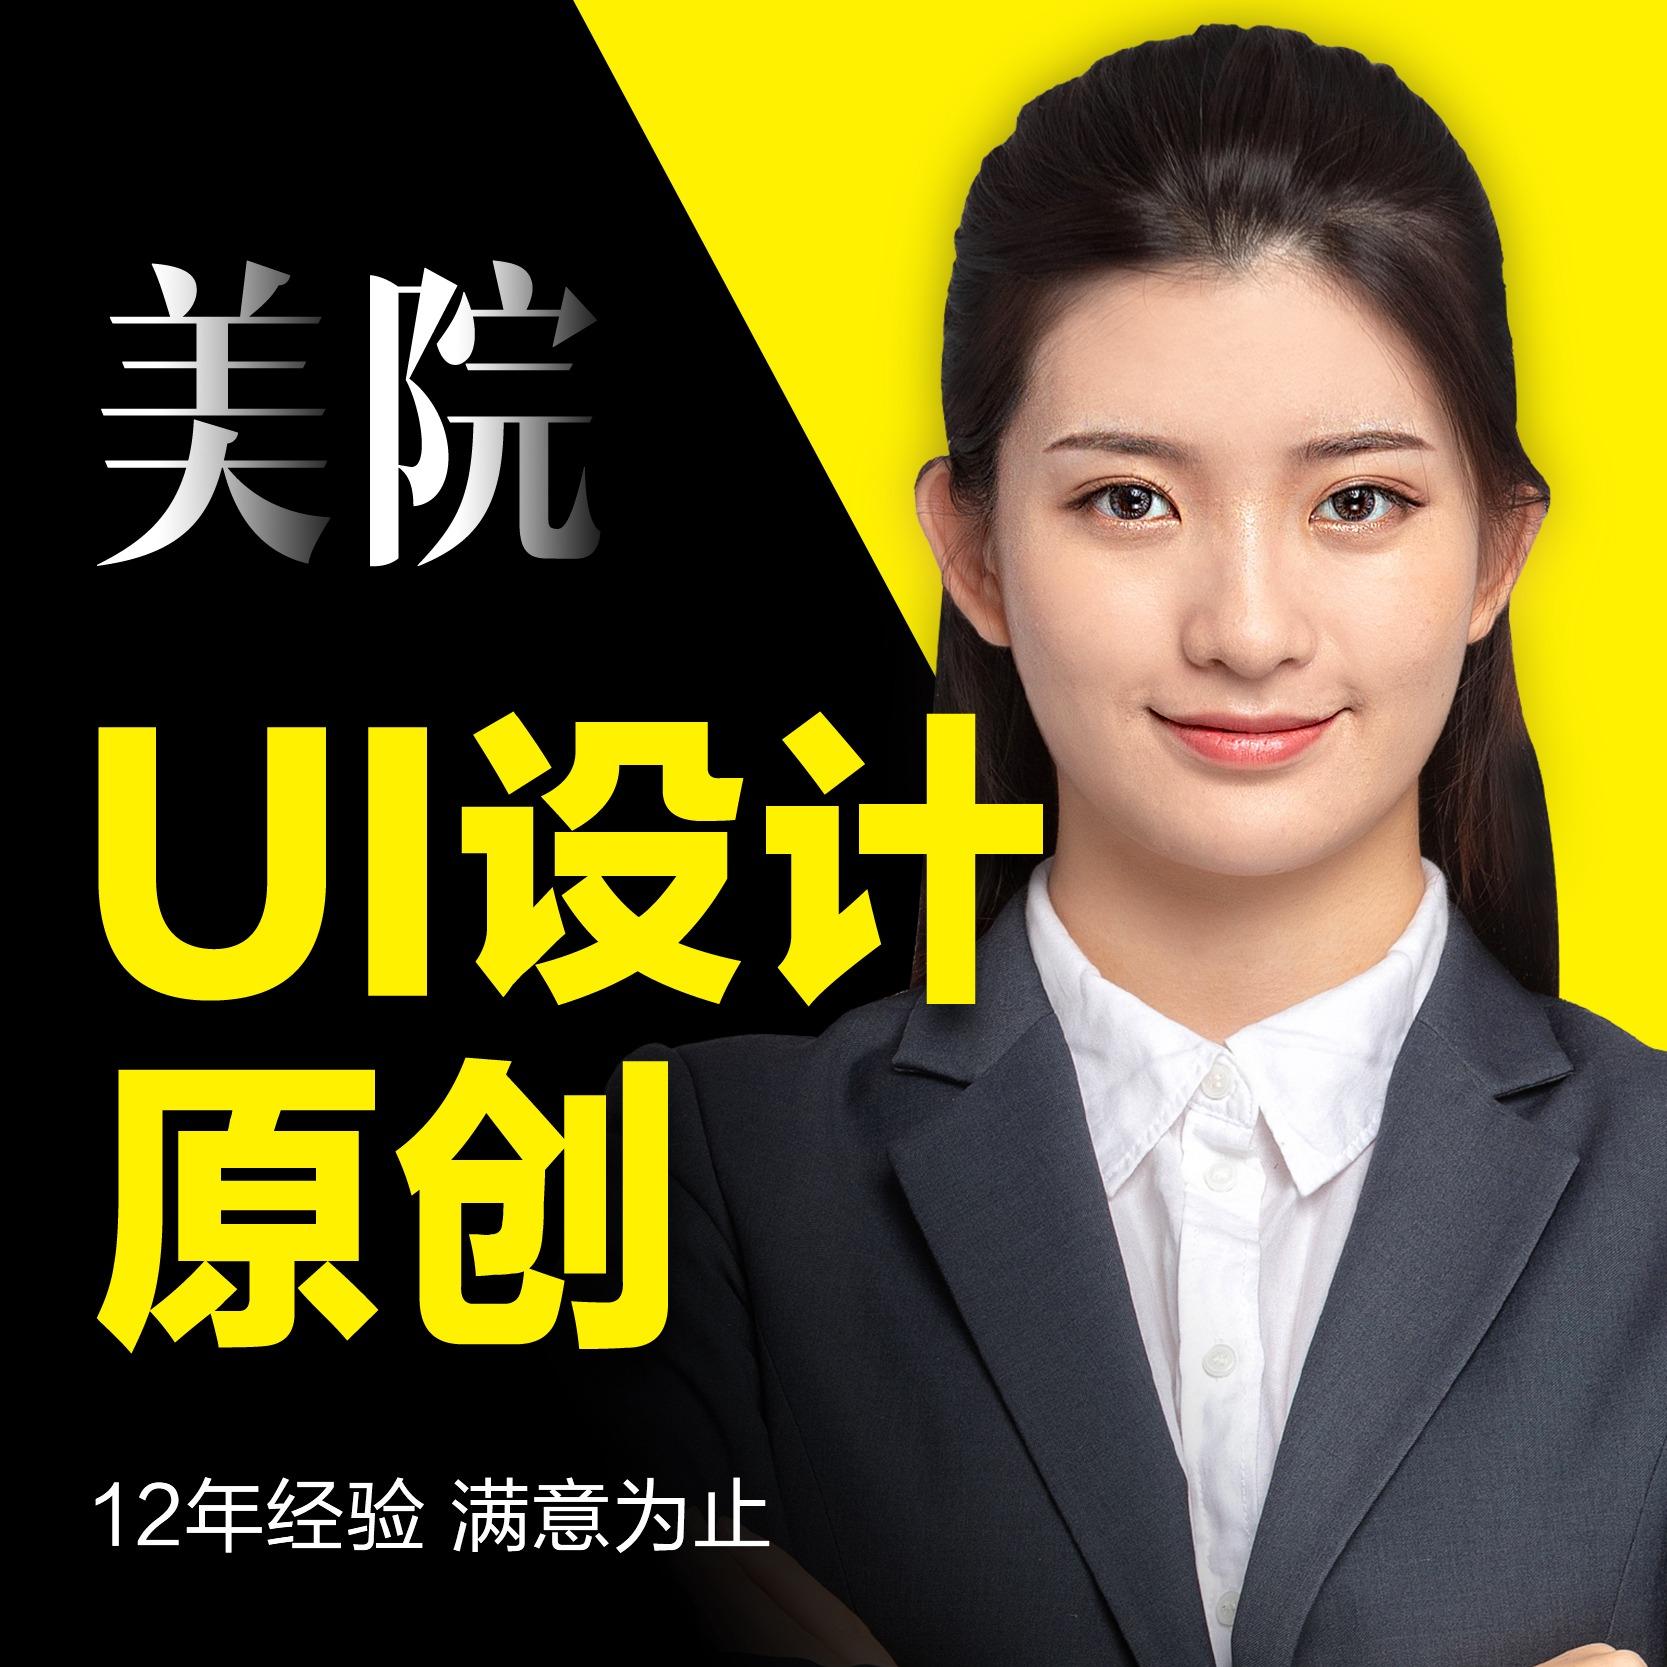 【金融行业】UI设计APPUI移动ui网页设计系统界面设计